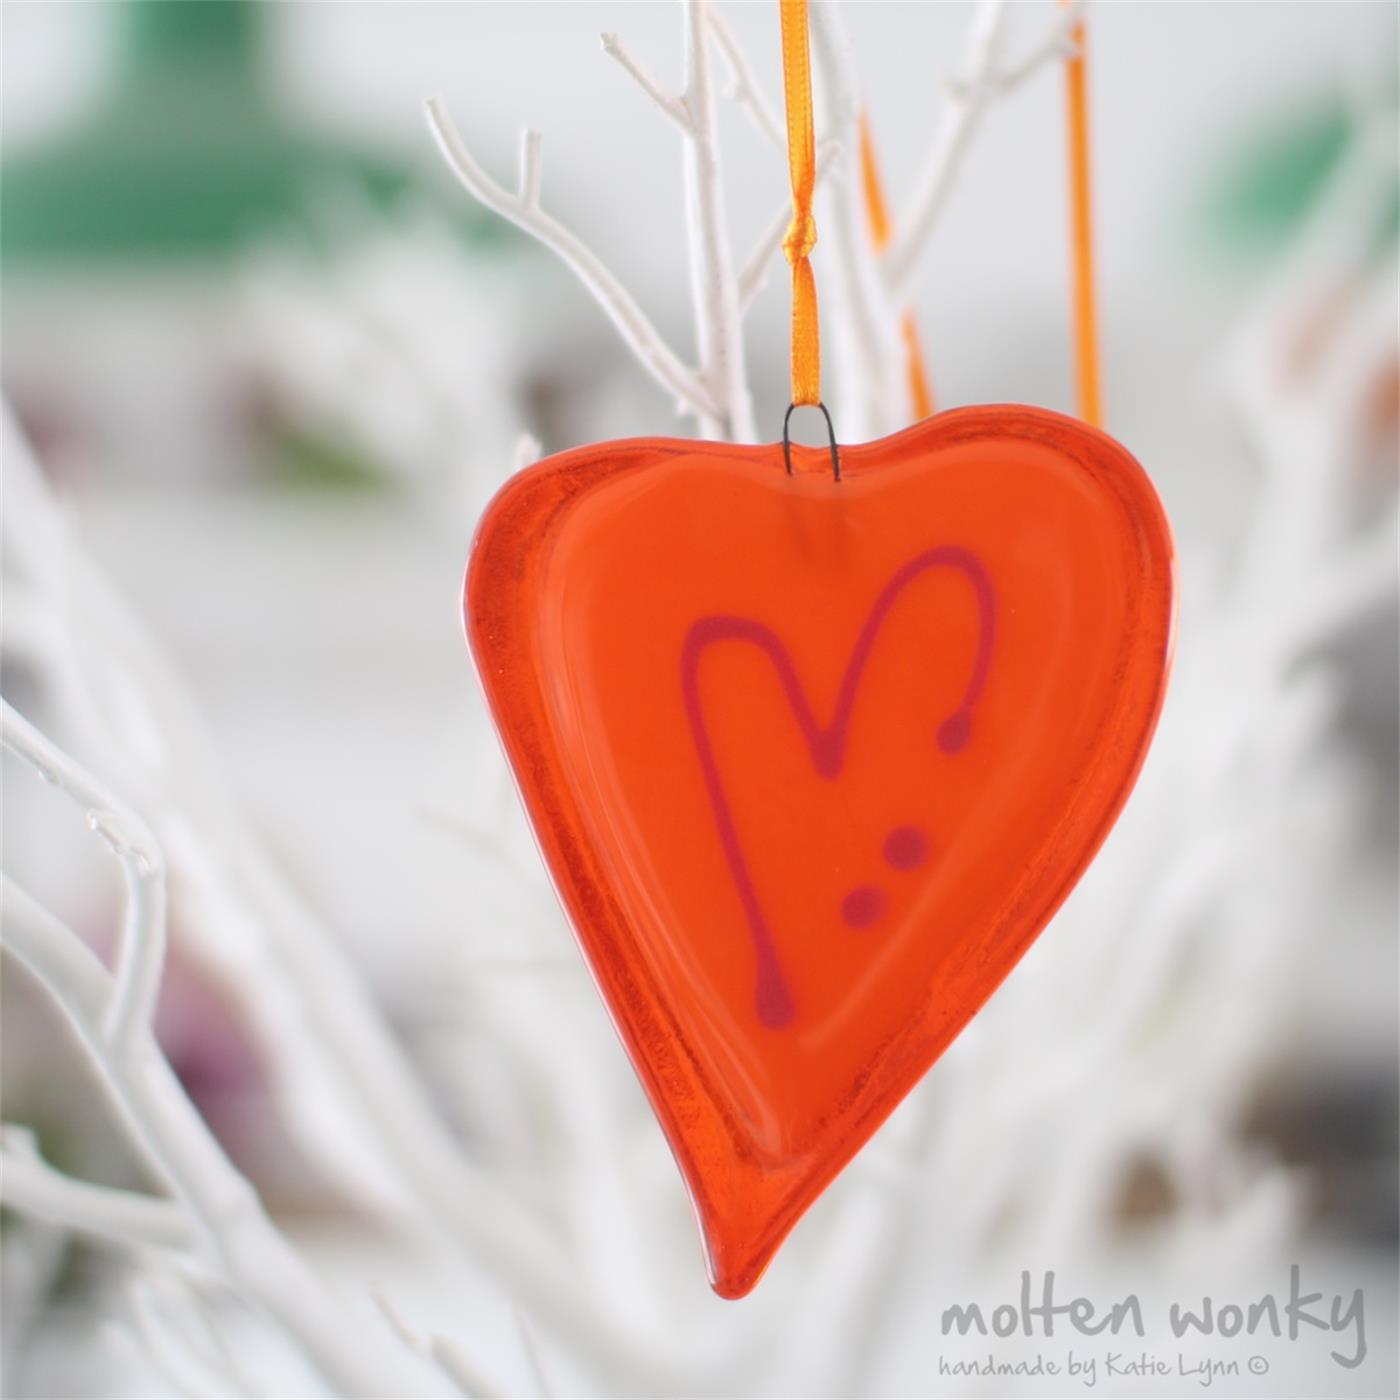 Heart line co uk dating